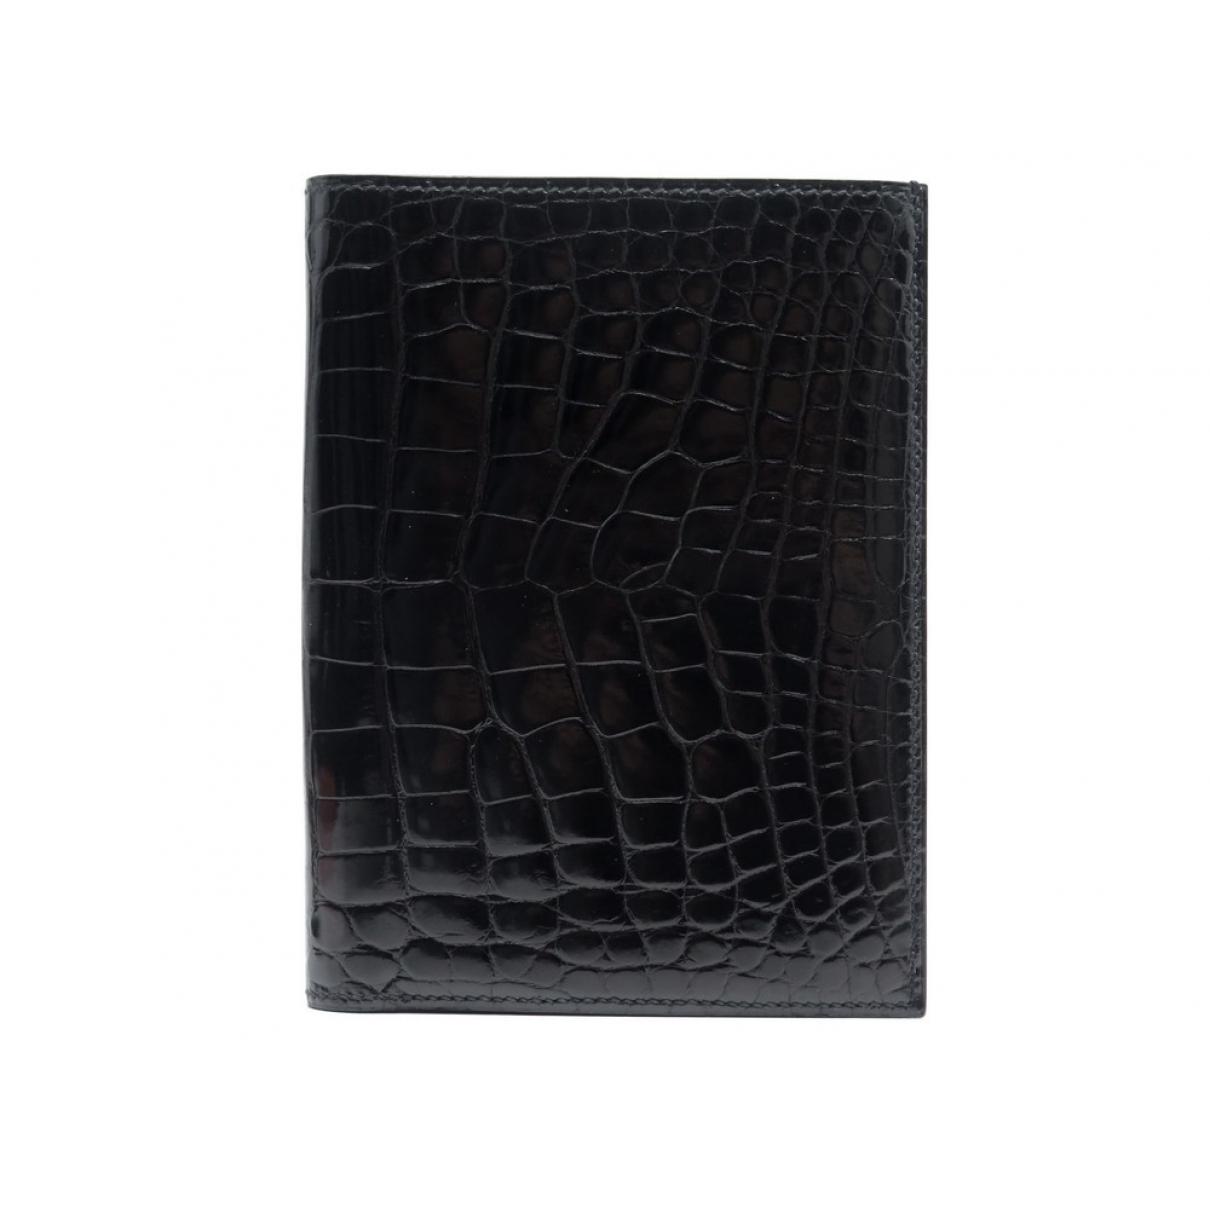 Hermes \N Portemonnaie in  Schwarz Krokodil